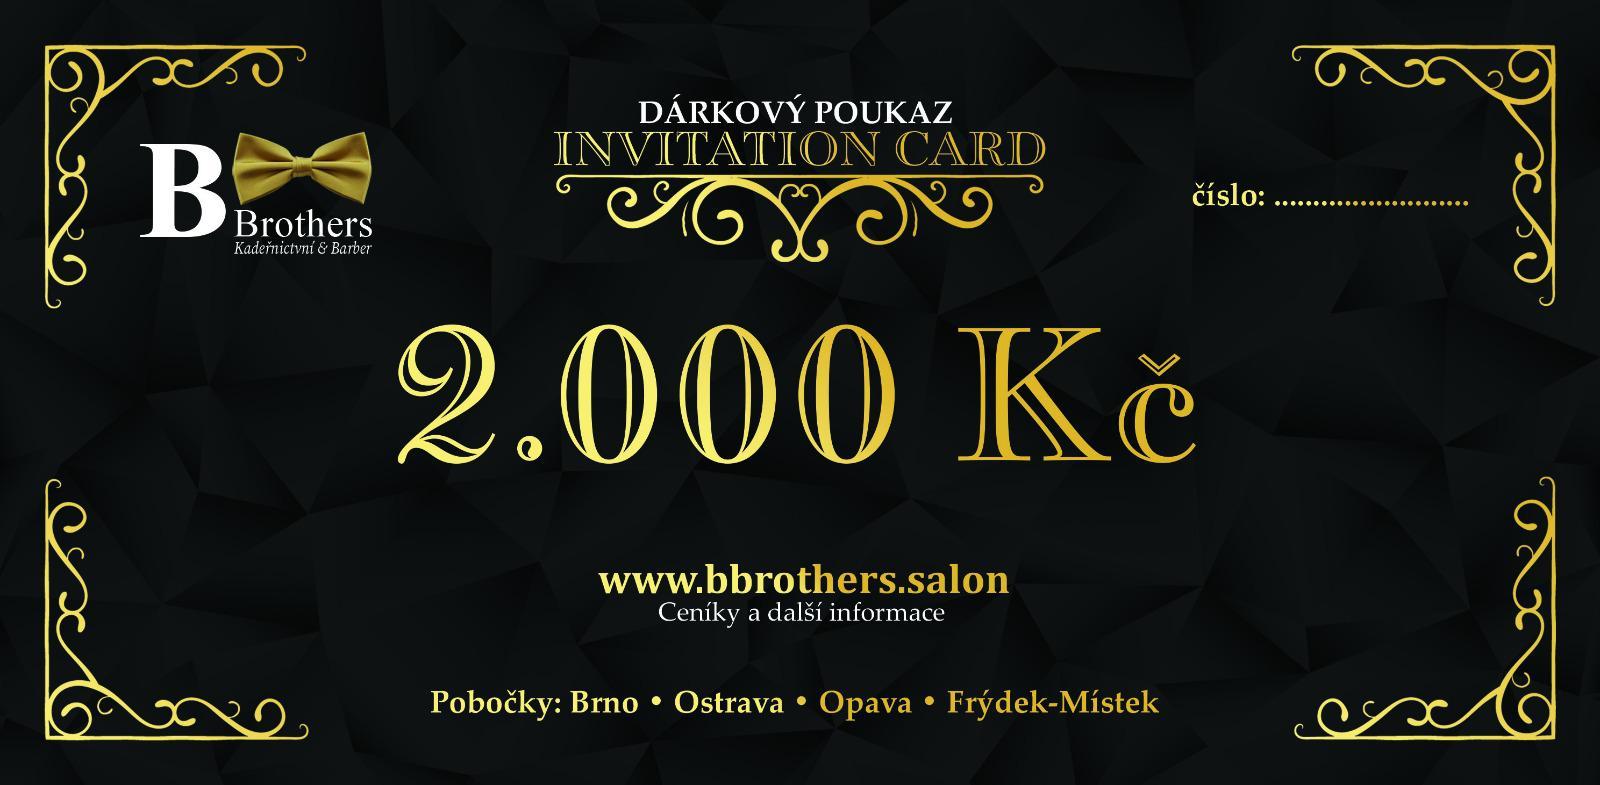 B Brothers poukaz 2000 Kč